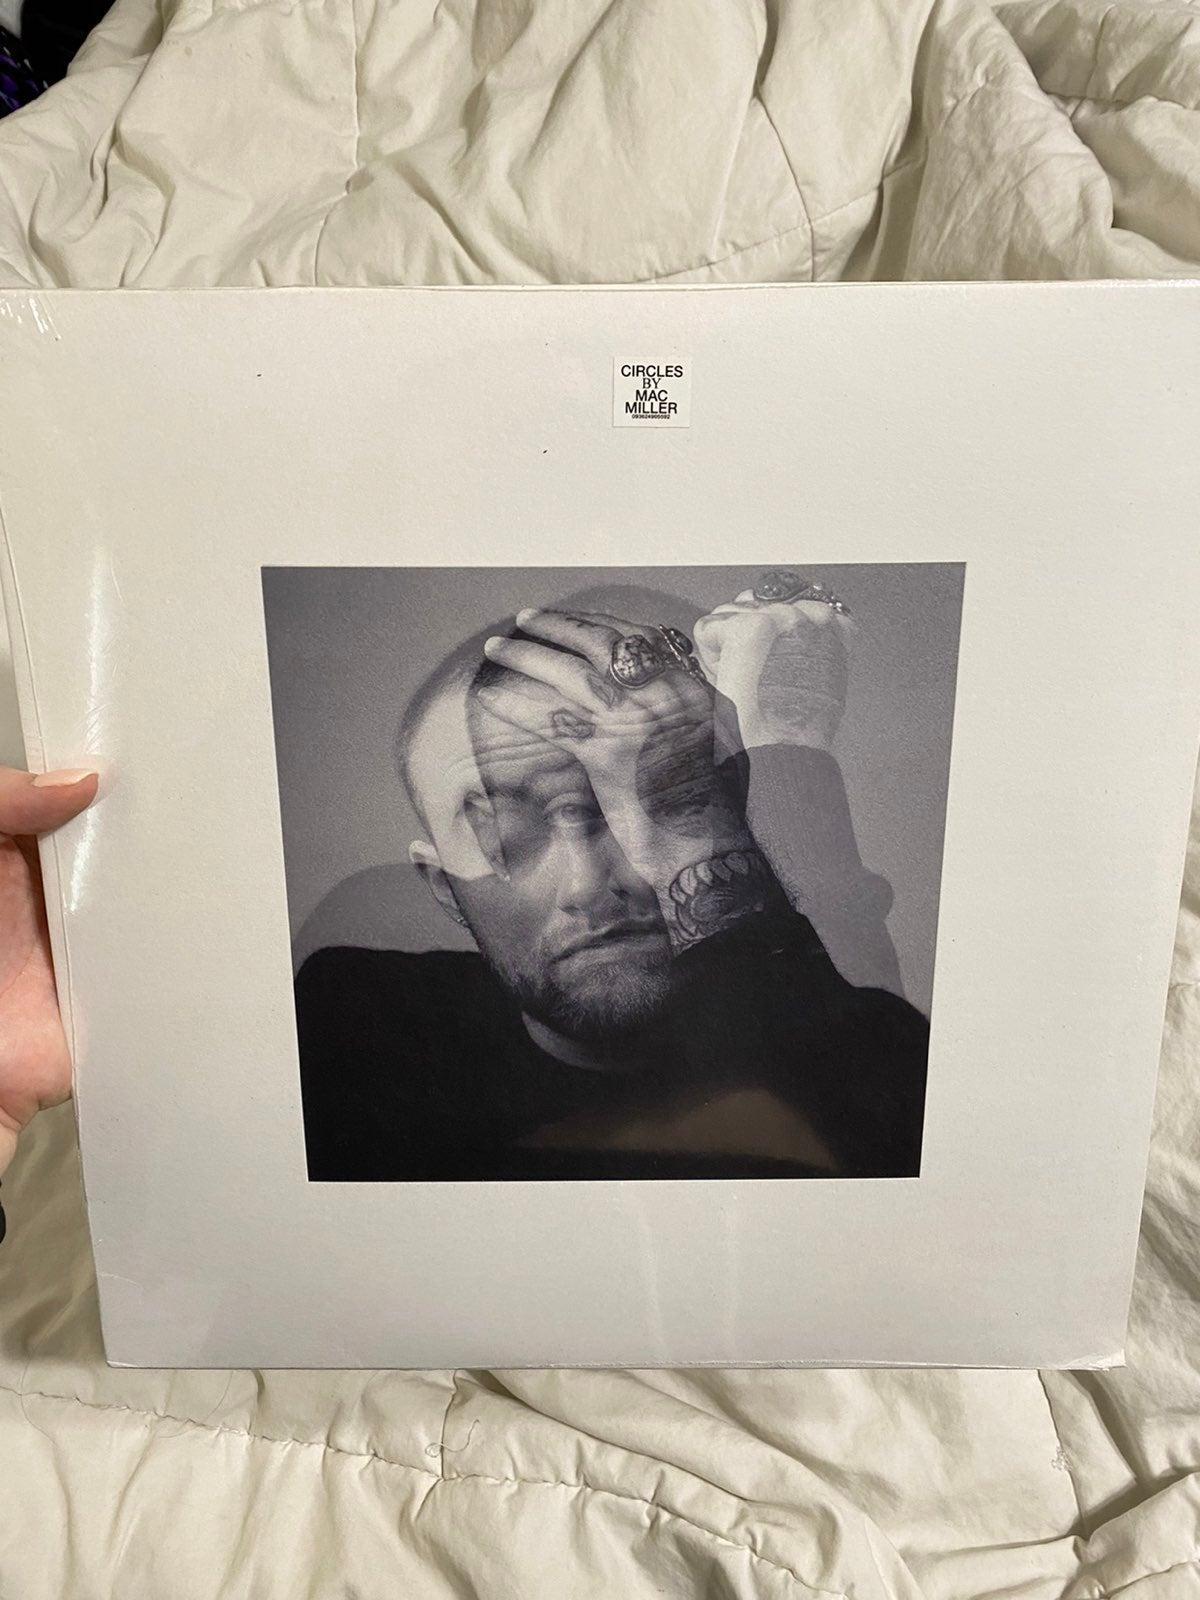 mac miller circles record